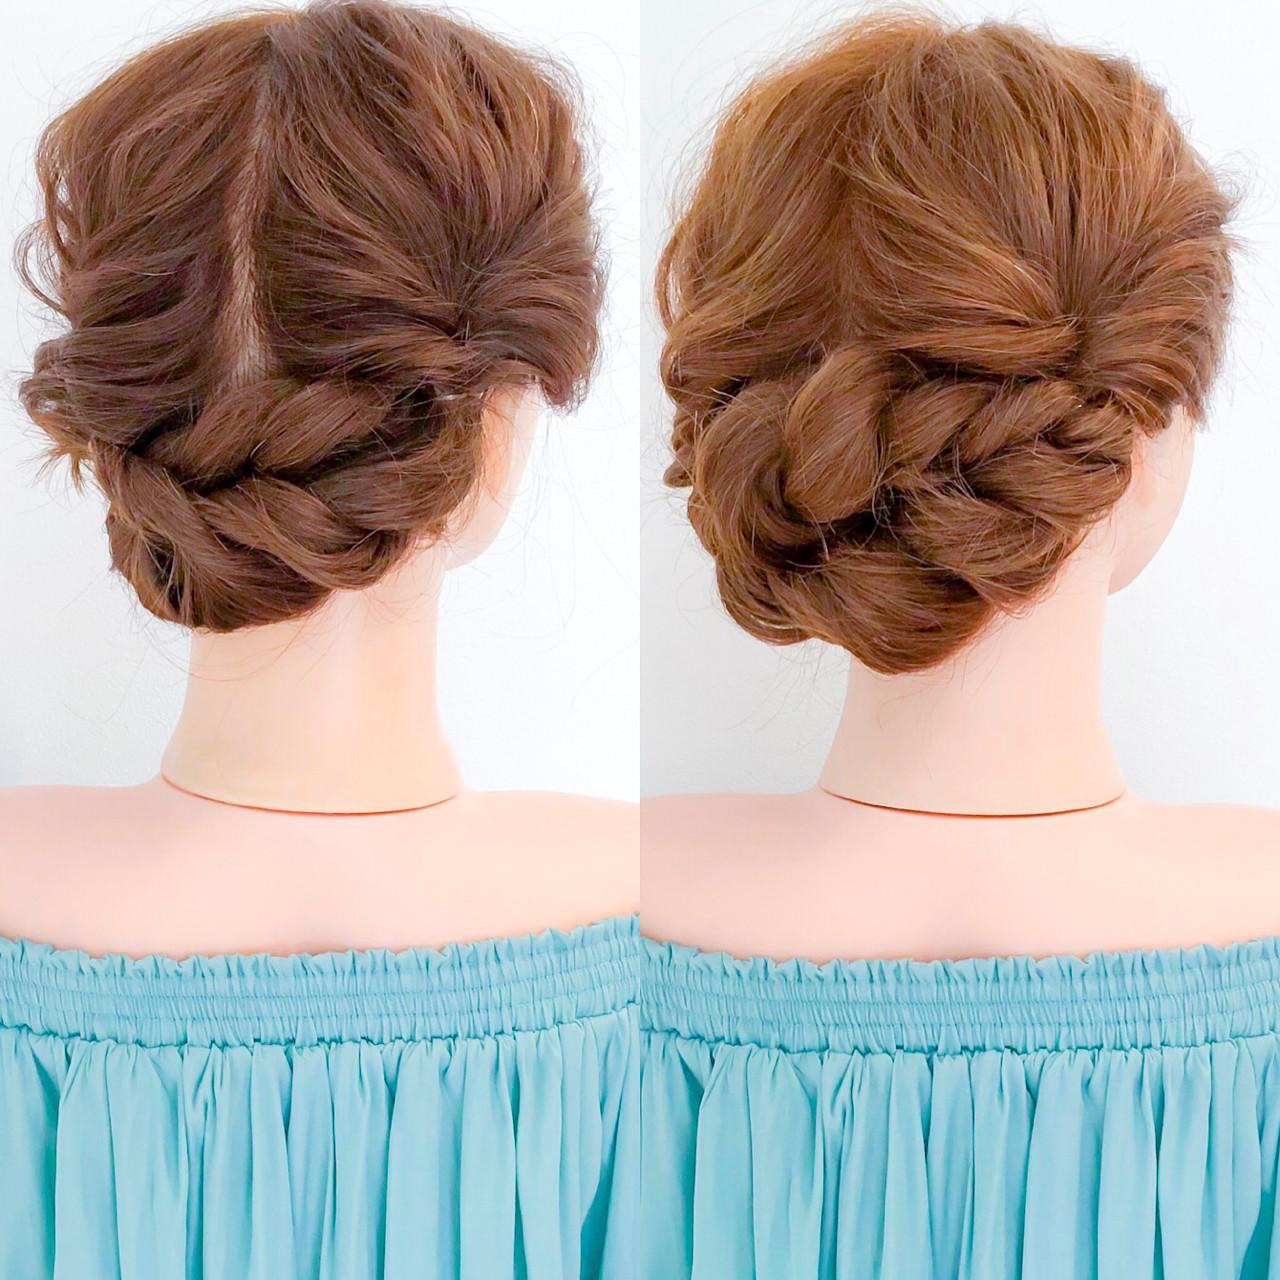 簡単ヘアアレンジ 上品 エレガント セルフヘアアレンジ ヘアスタイルや髪型の写真・画像